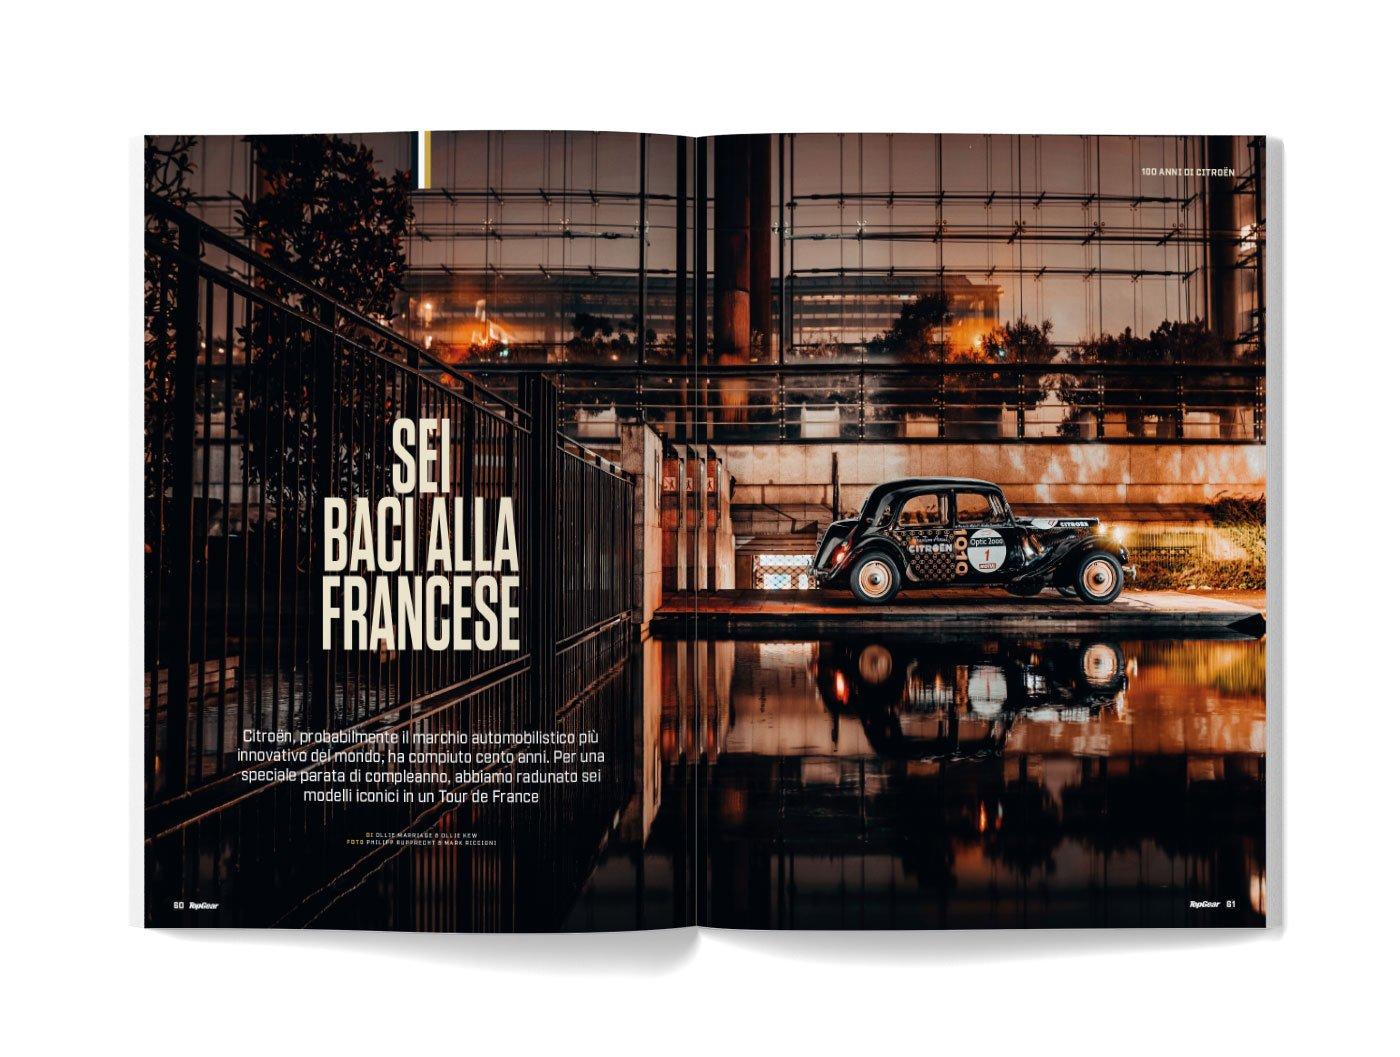 sei baci alla francese rivista TopGear Italia 2020